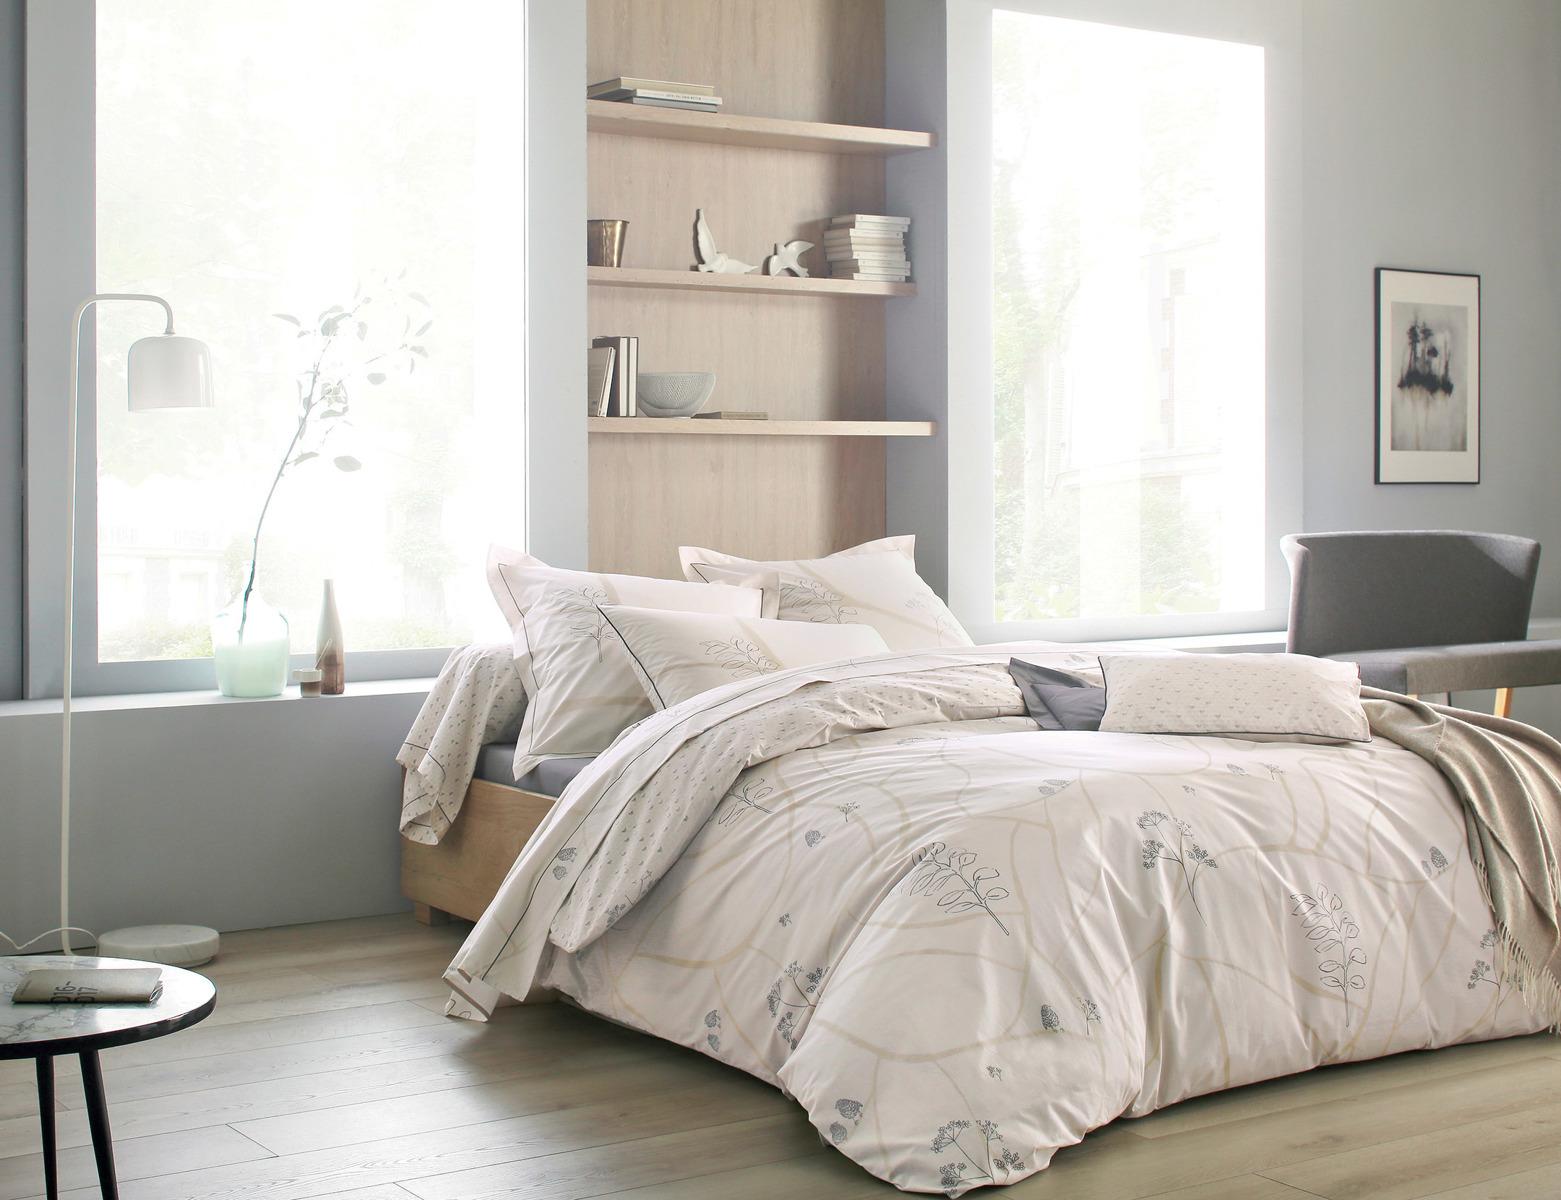 komplet po cieli perkalowej blanc des vosges l 39 oiseau lin komplet po cieli sklep online. Black Bedroom Furniture Sets. Home Design Ideas